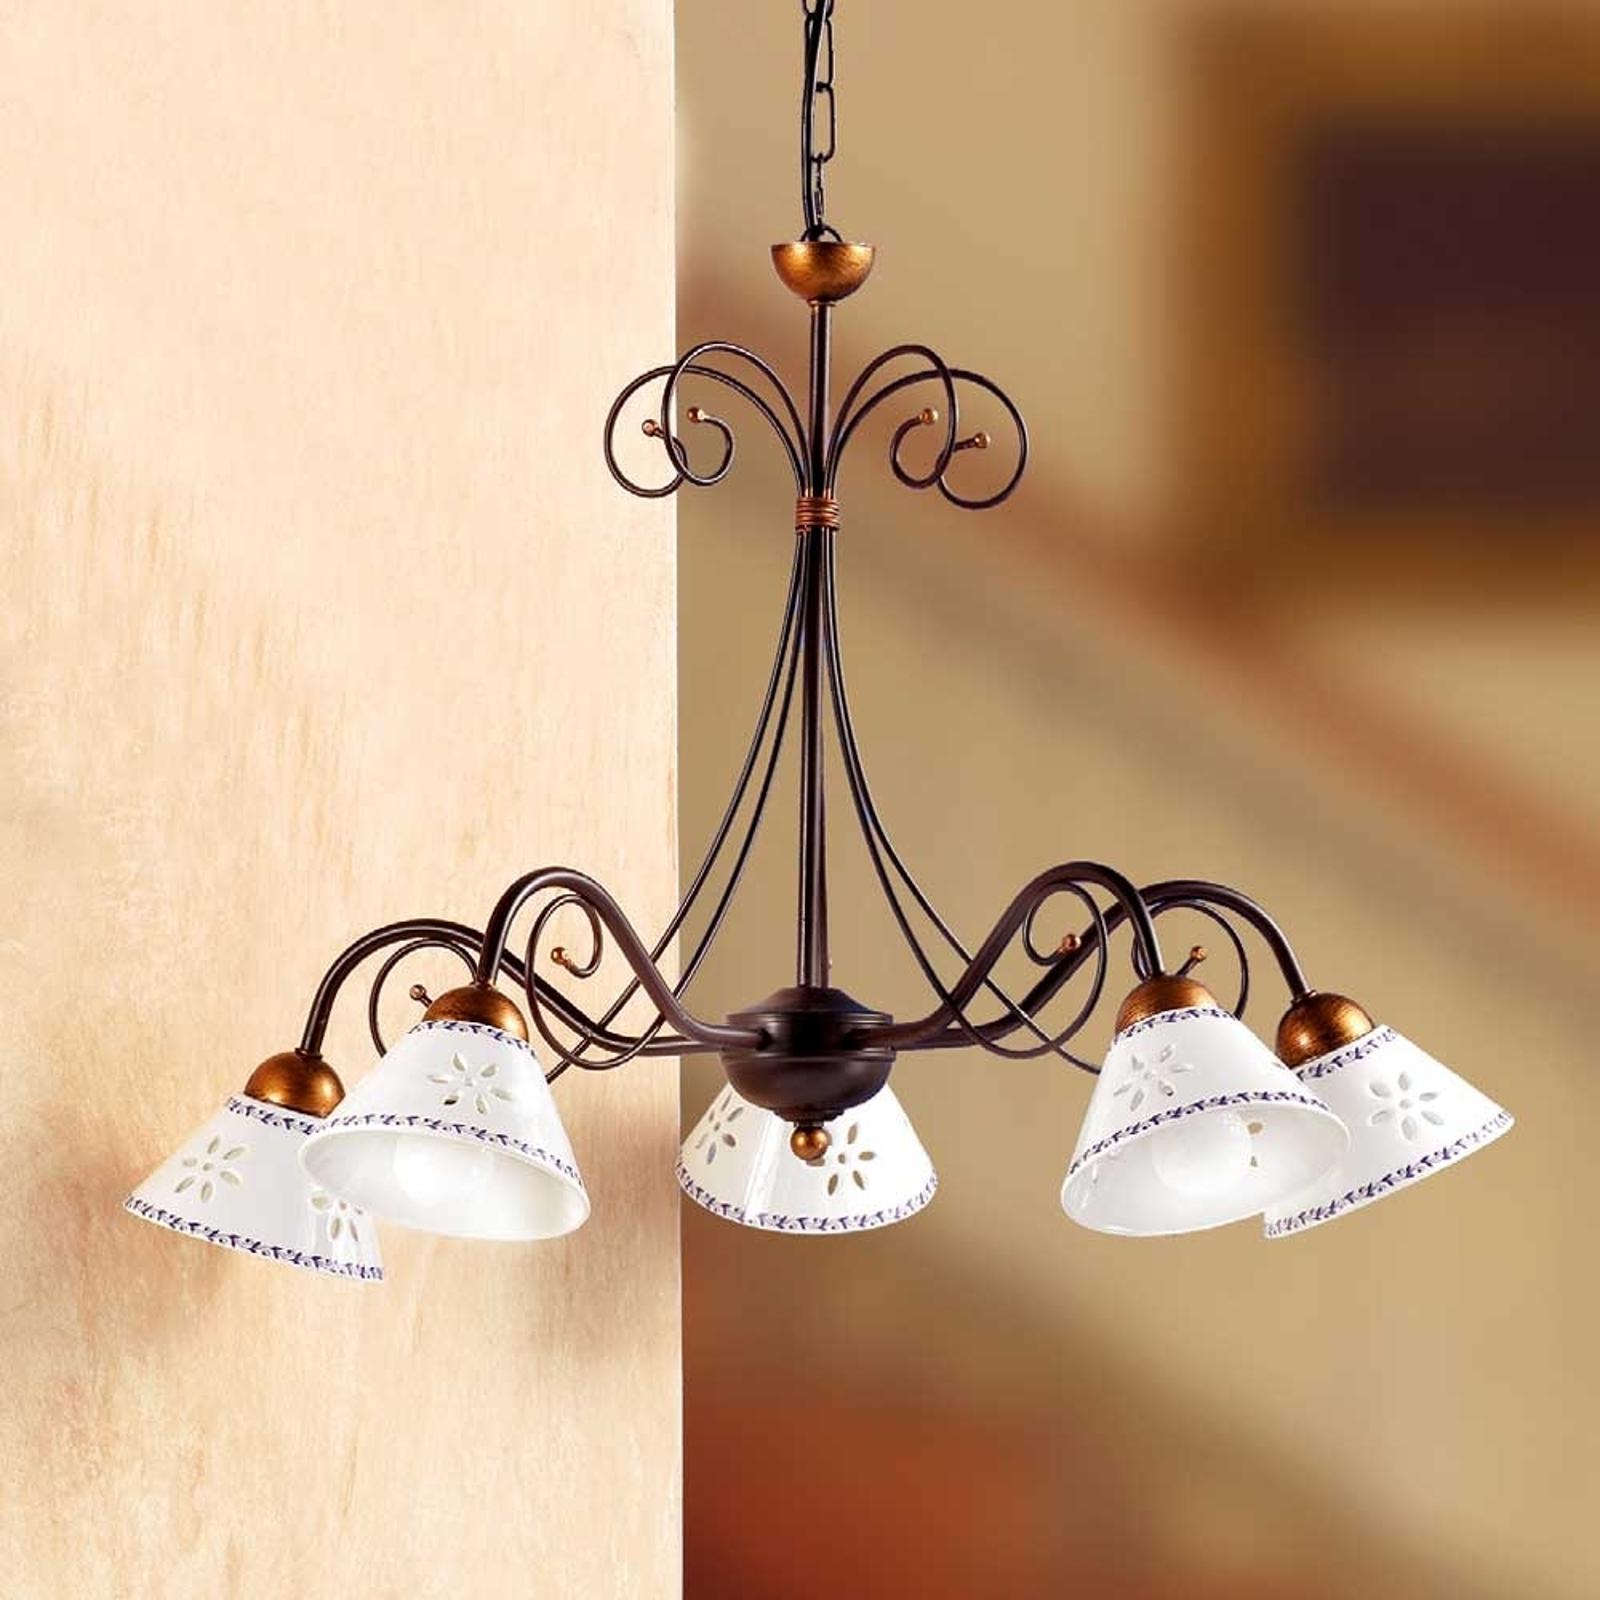 Romantisk LIBERTY hengelampe med fem lys